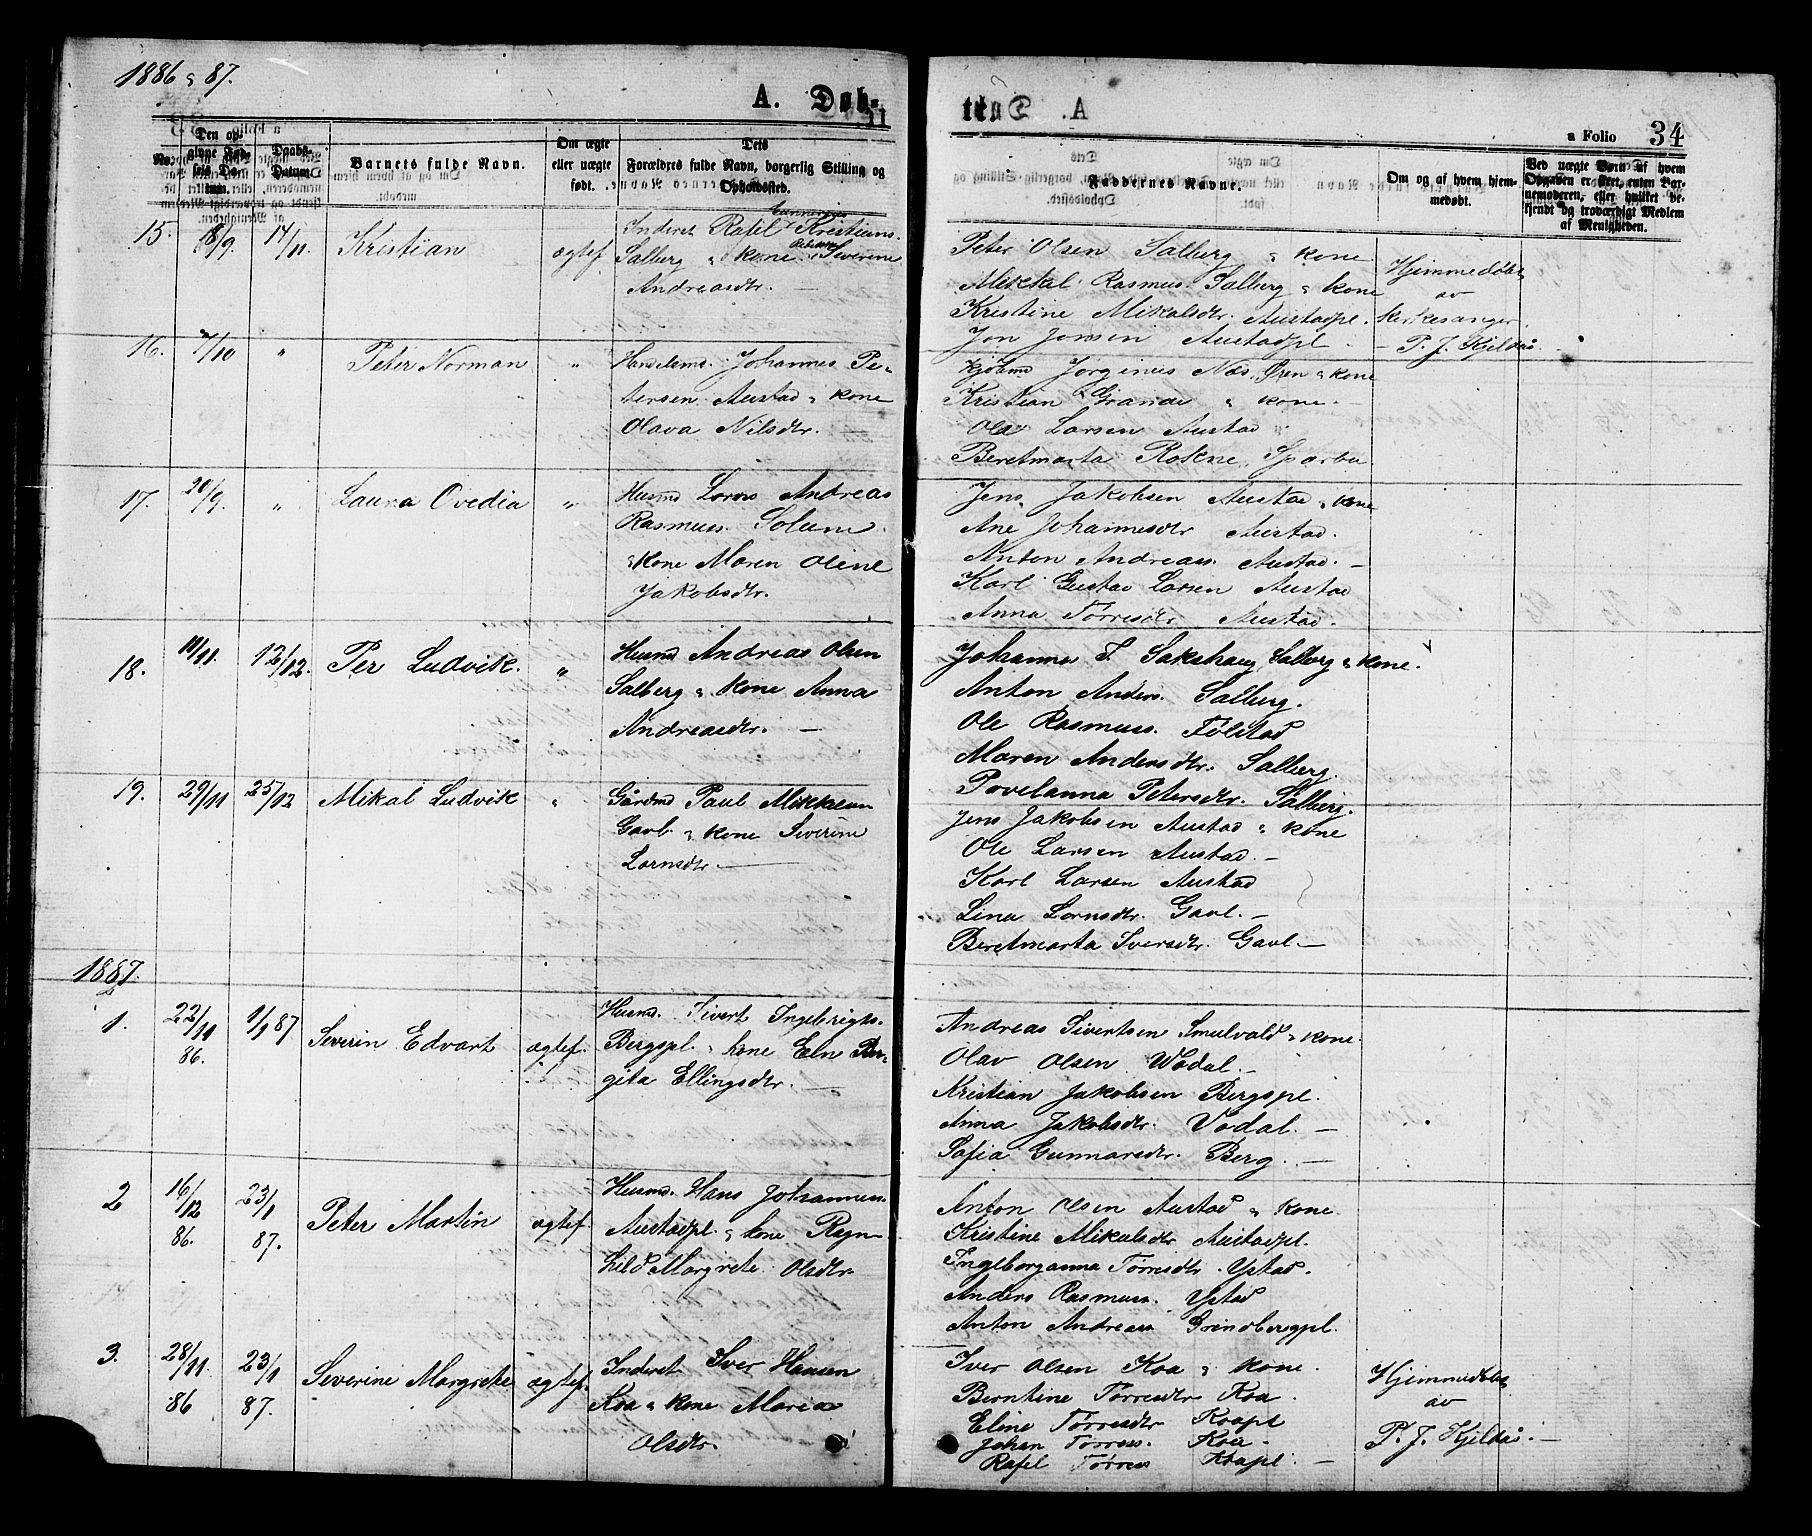 SAT, Ministerialprotokoller, klokkerbøker og fødselsregistre - Nord-Trøndelag, 731/L0311: Klokkerbok nr. 731C02, 1875-1911, s. 34